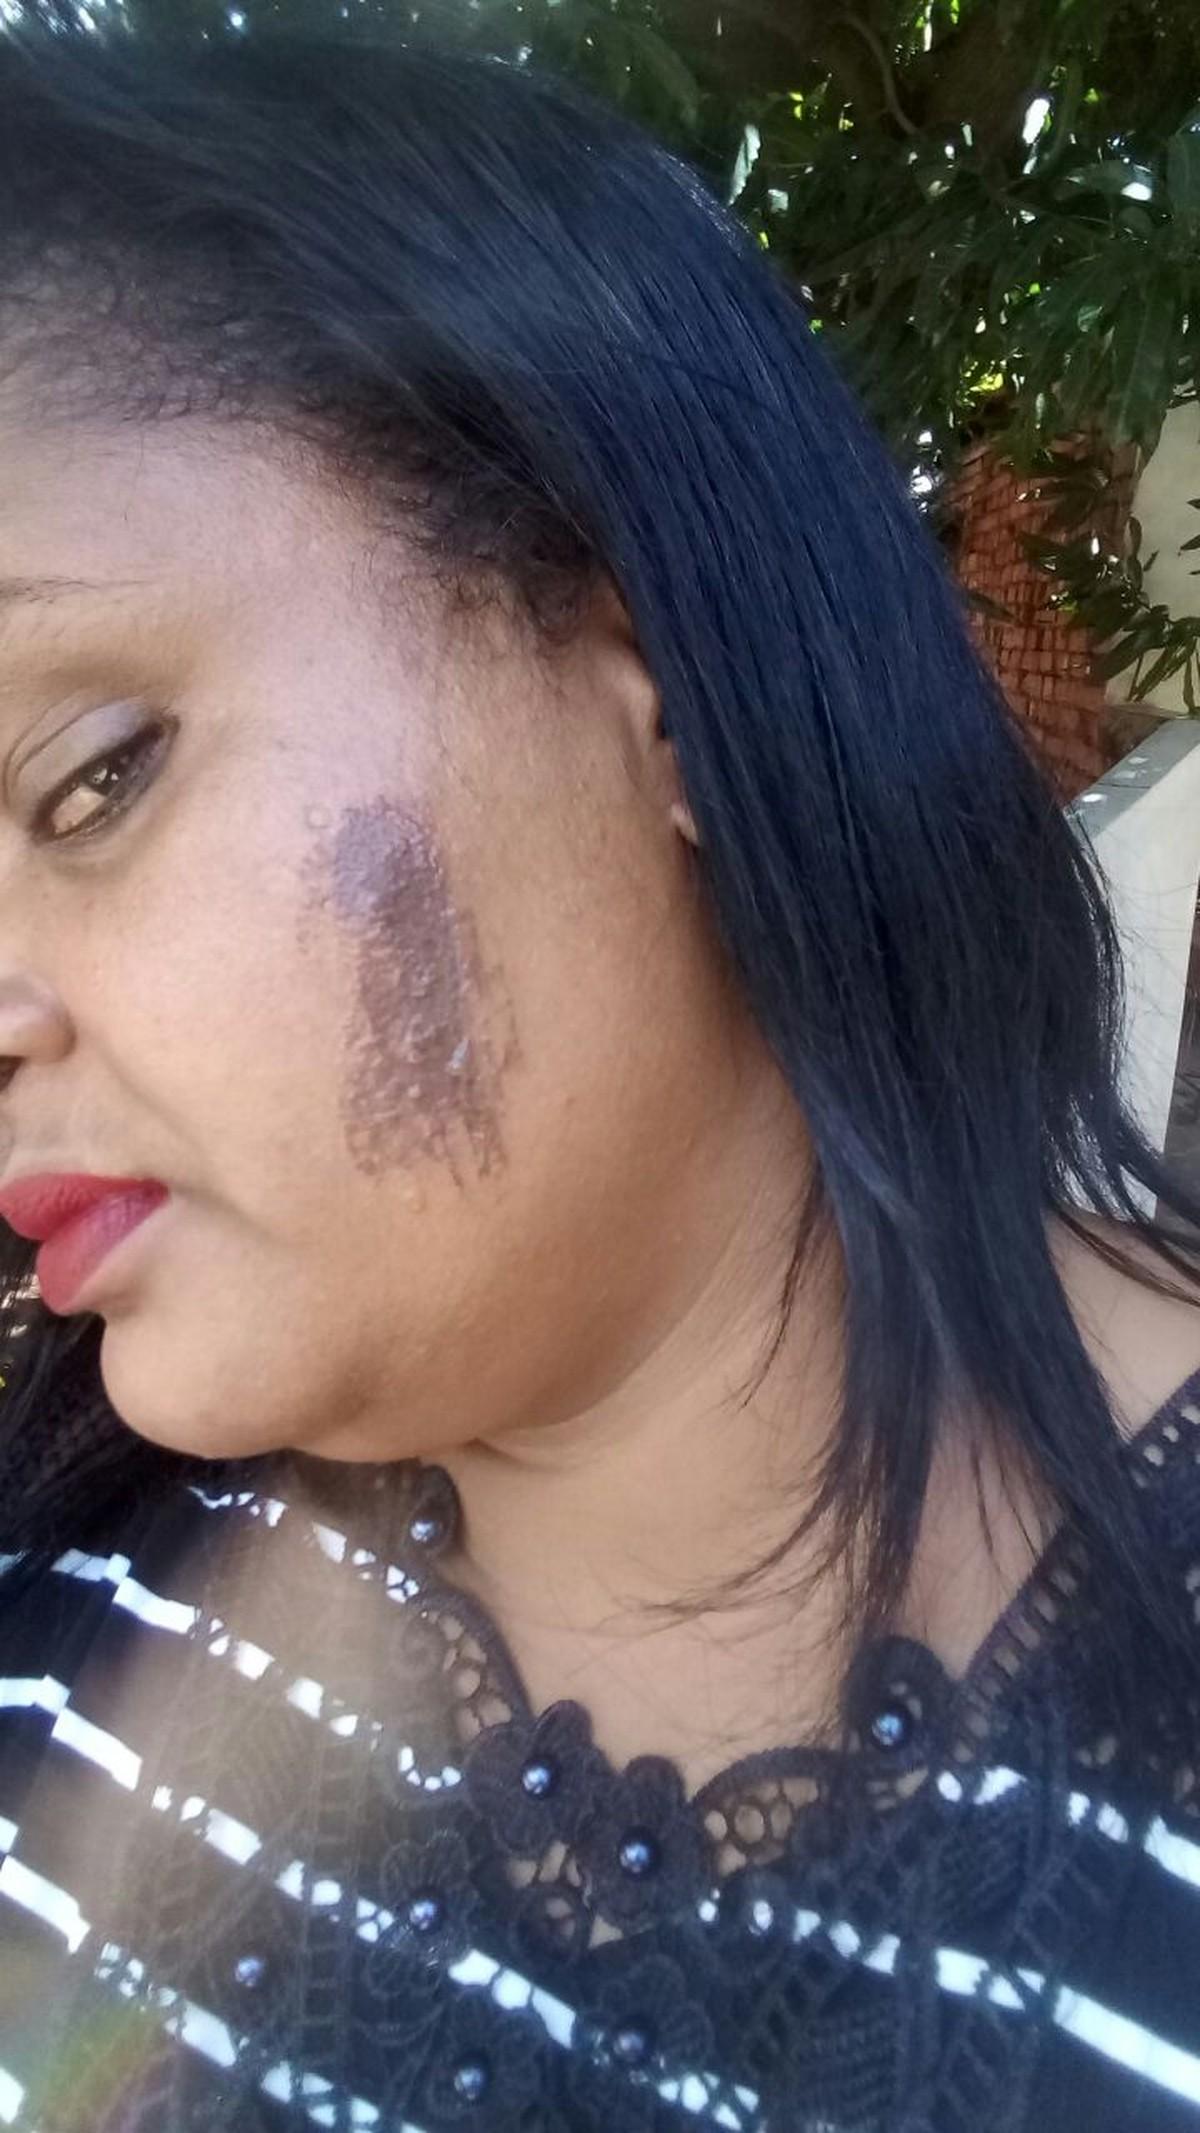 Cuidadora de idosos tem rosto queimado e seio cortado ao ser torturada durante assalto